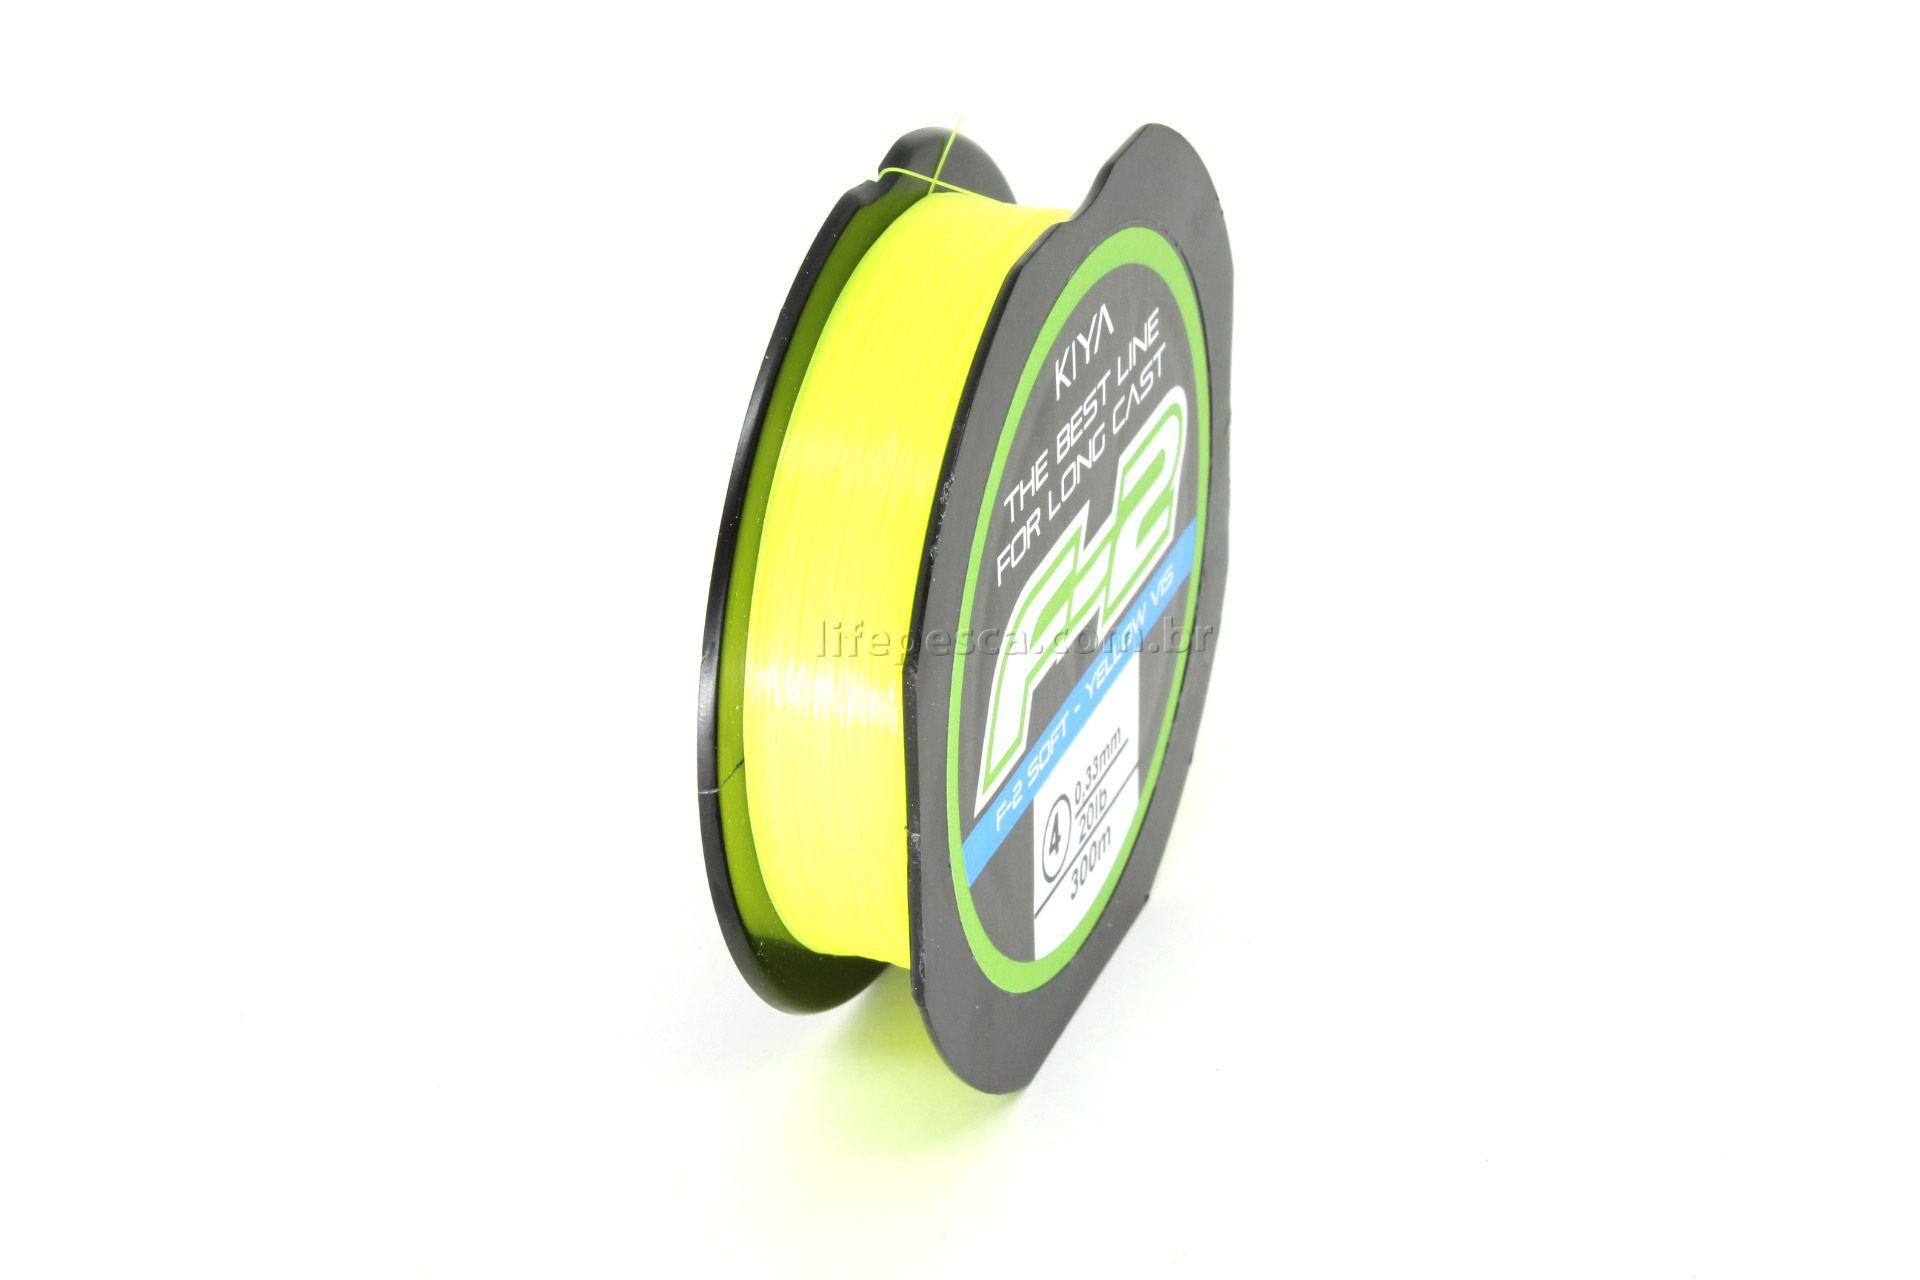 Linha Monofilamento Kiya F-2 Soft Yellow 0,40mm 30lb/13,50kg - 300 Metros  - Life Pesca - Sua loja de Pesca, Camping e Lazer